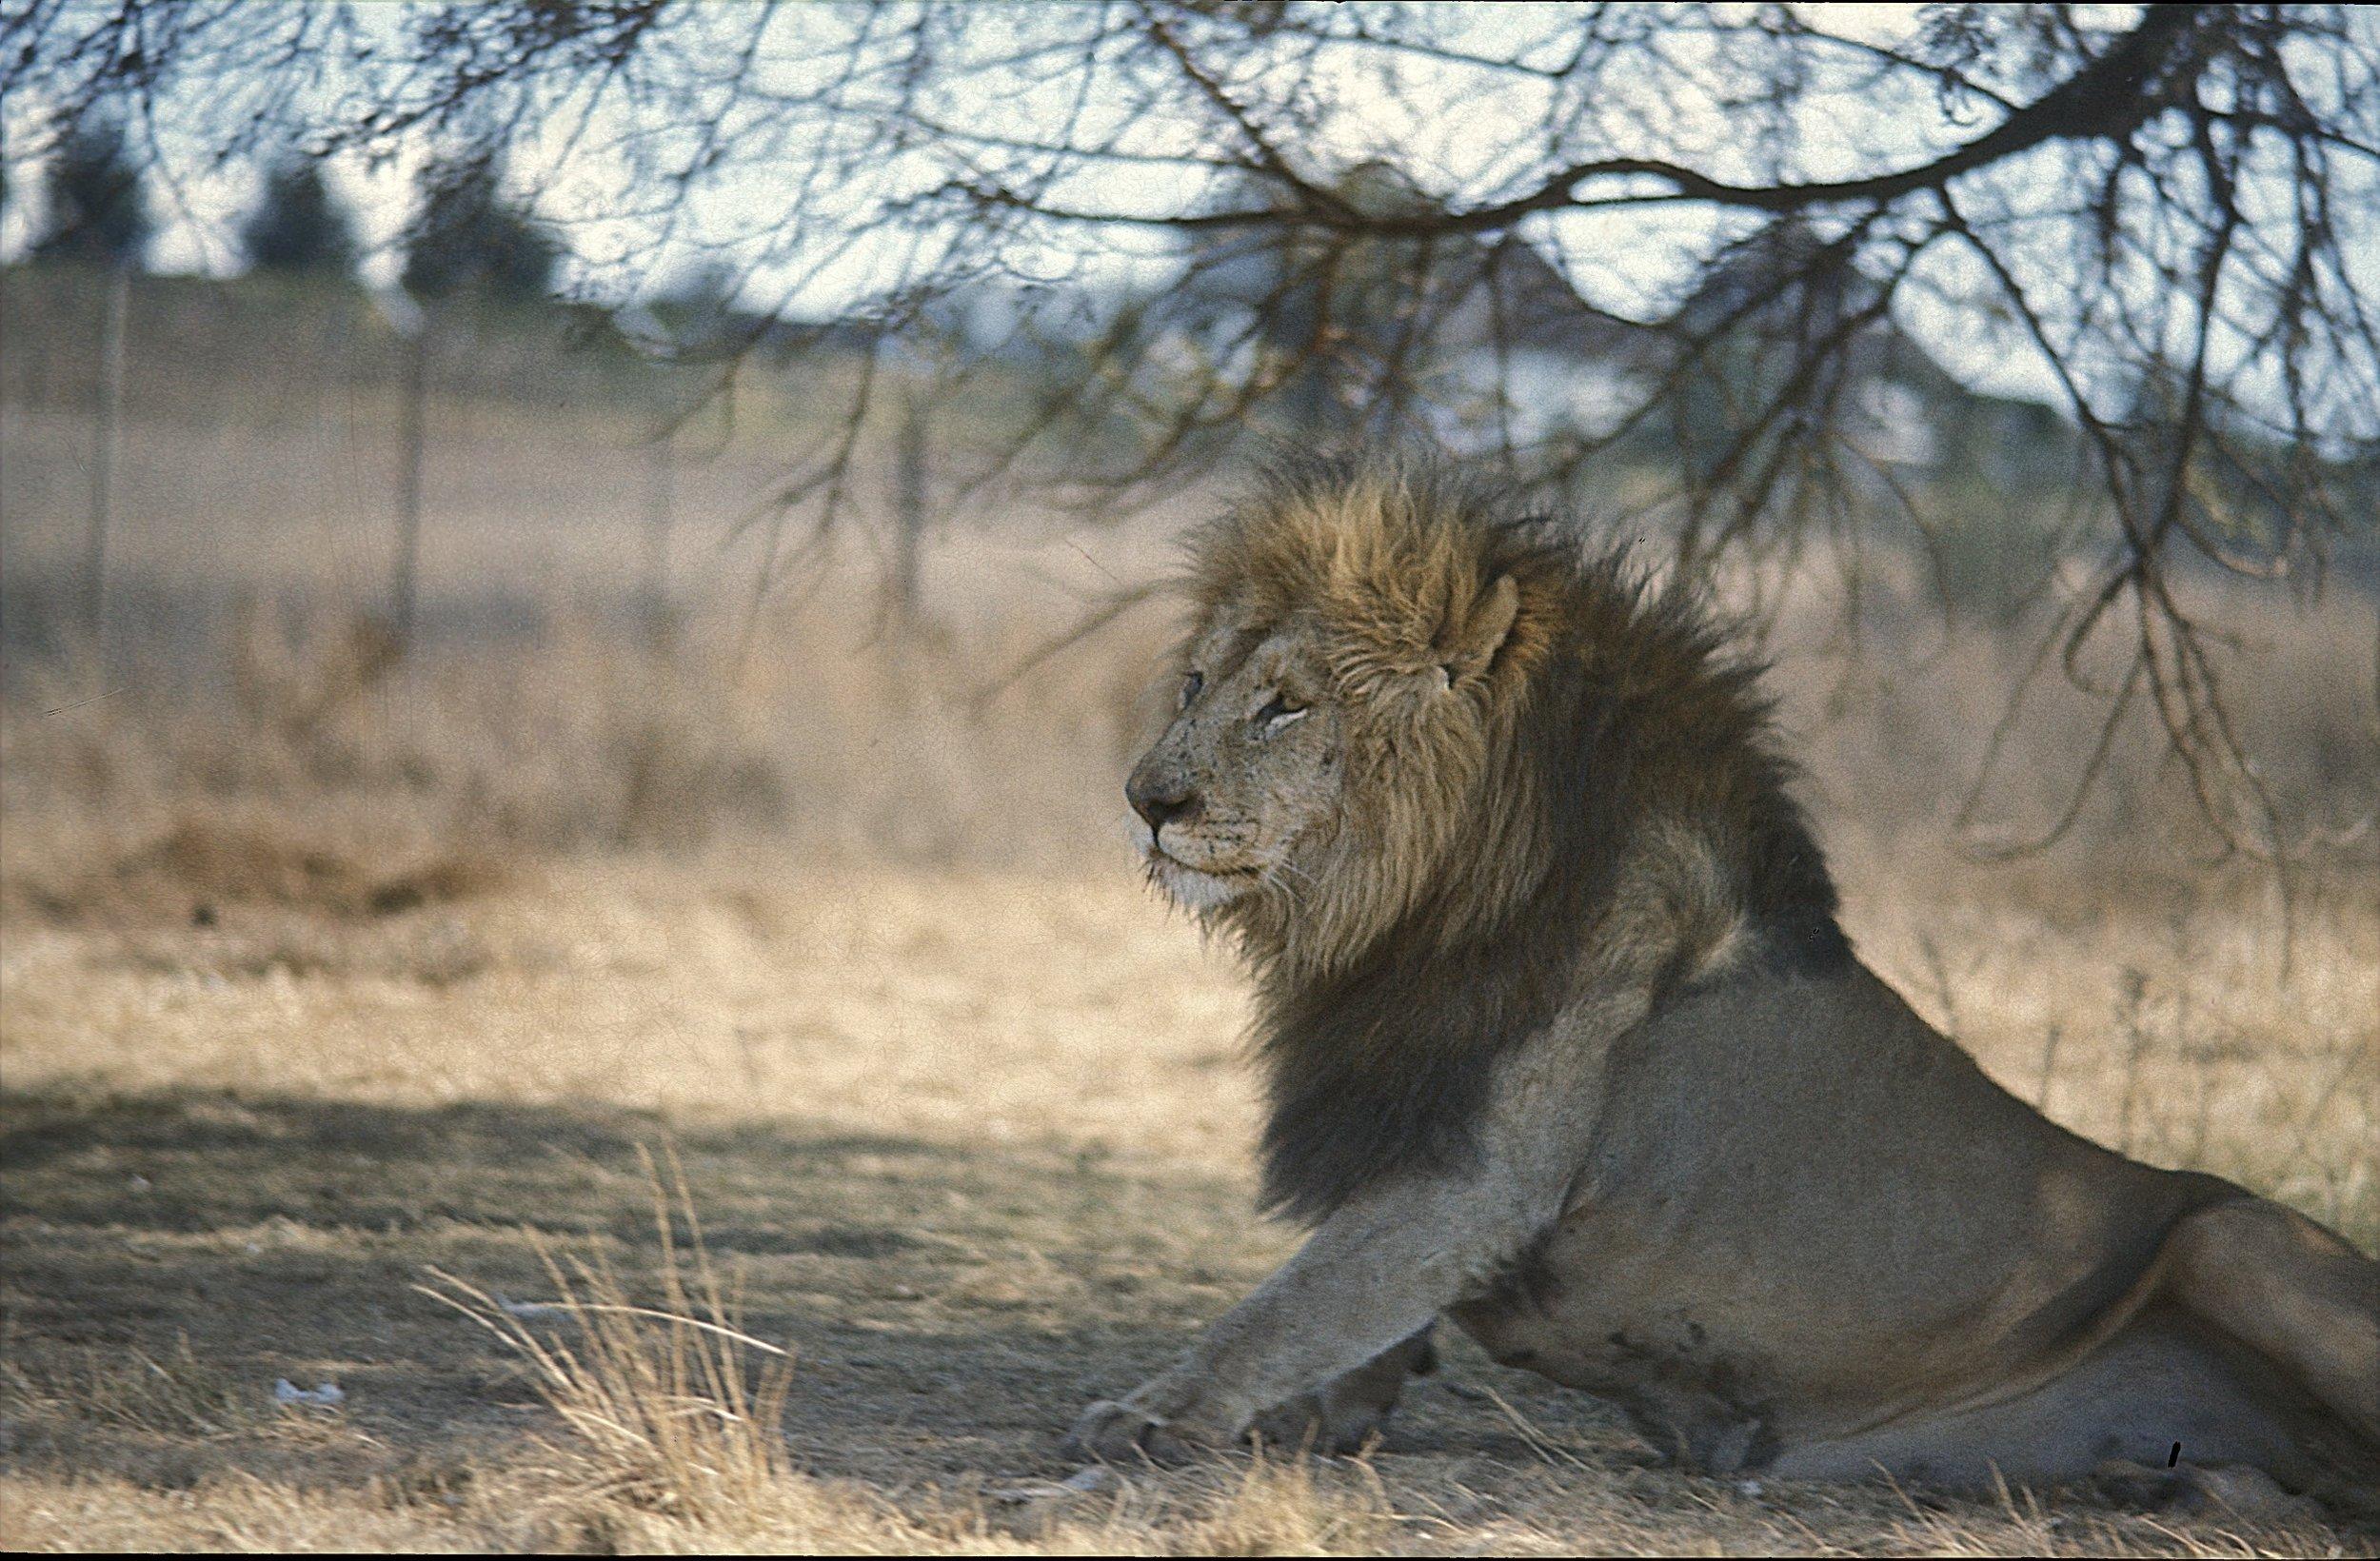 In Krugersdorp Game Reserve